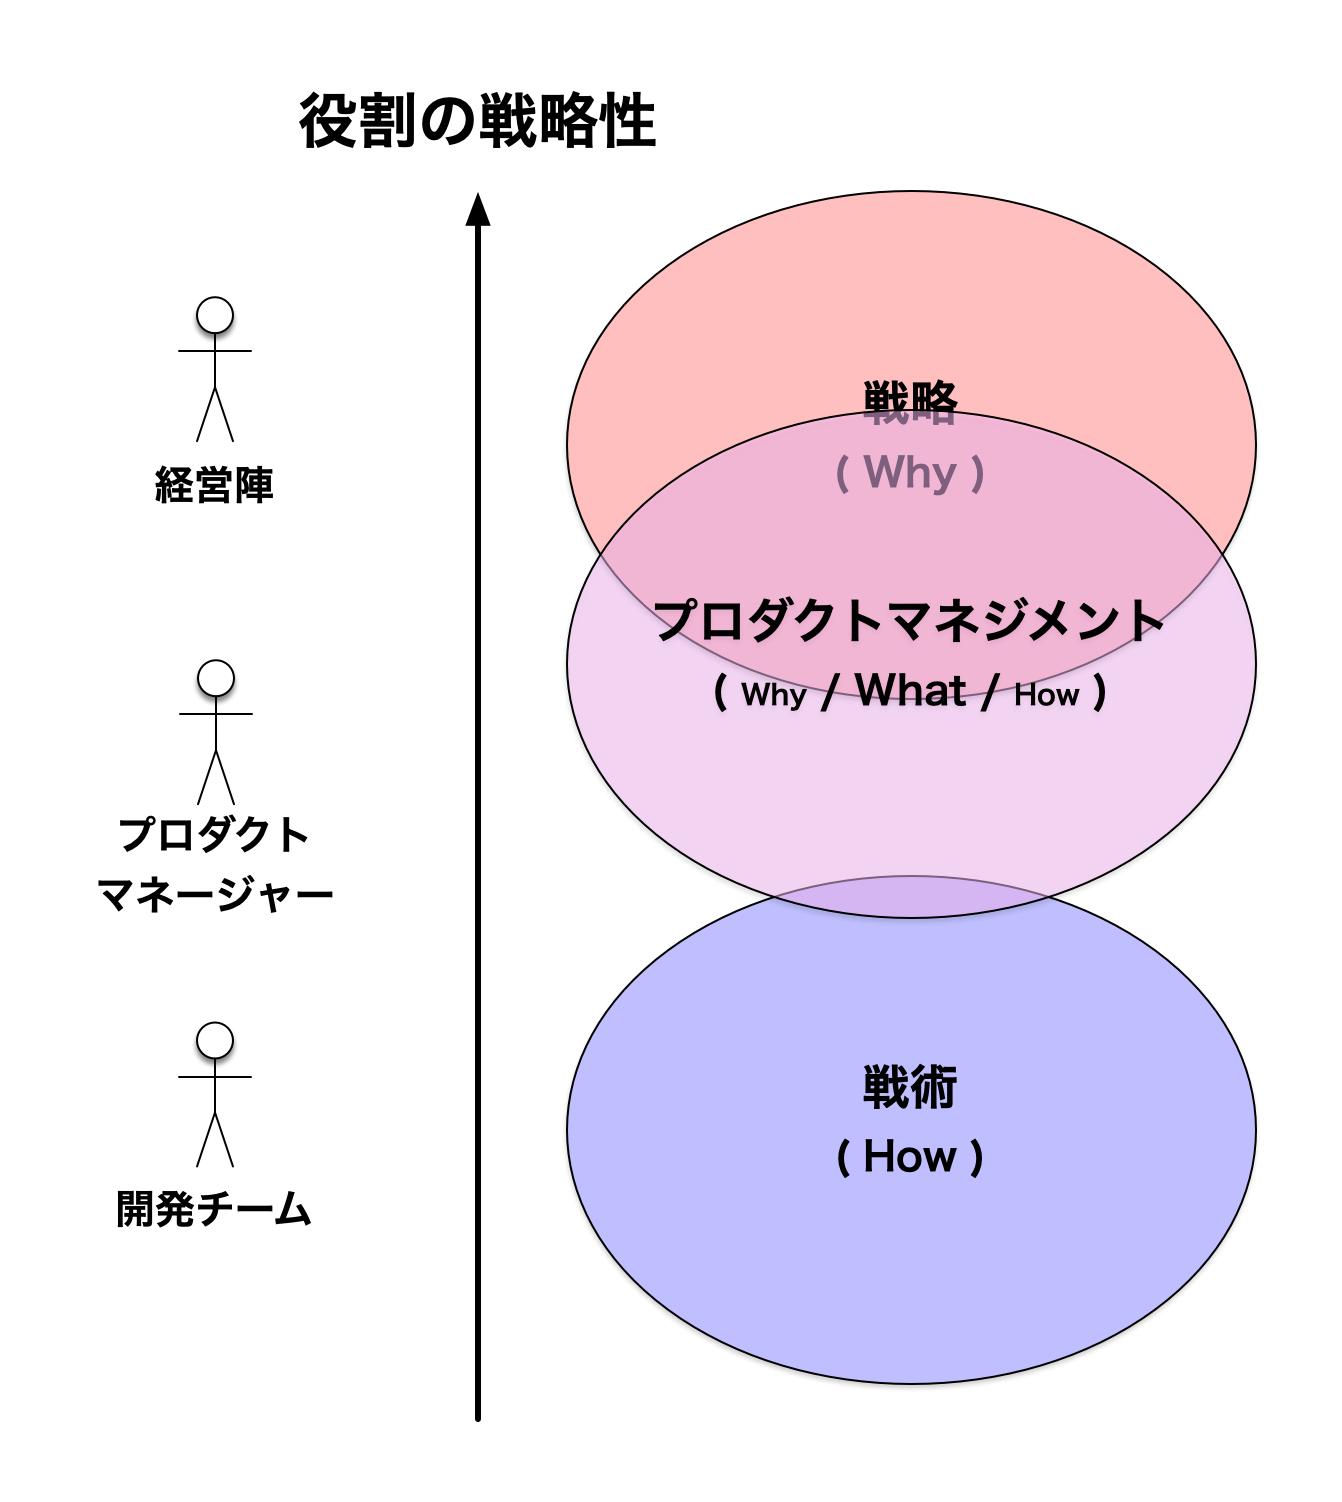 役割の戦略性 - 戦略寄りのプロダクトマネジメント